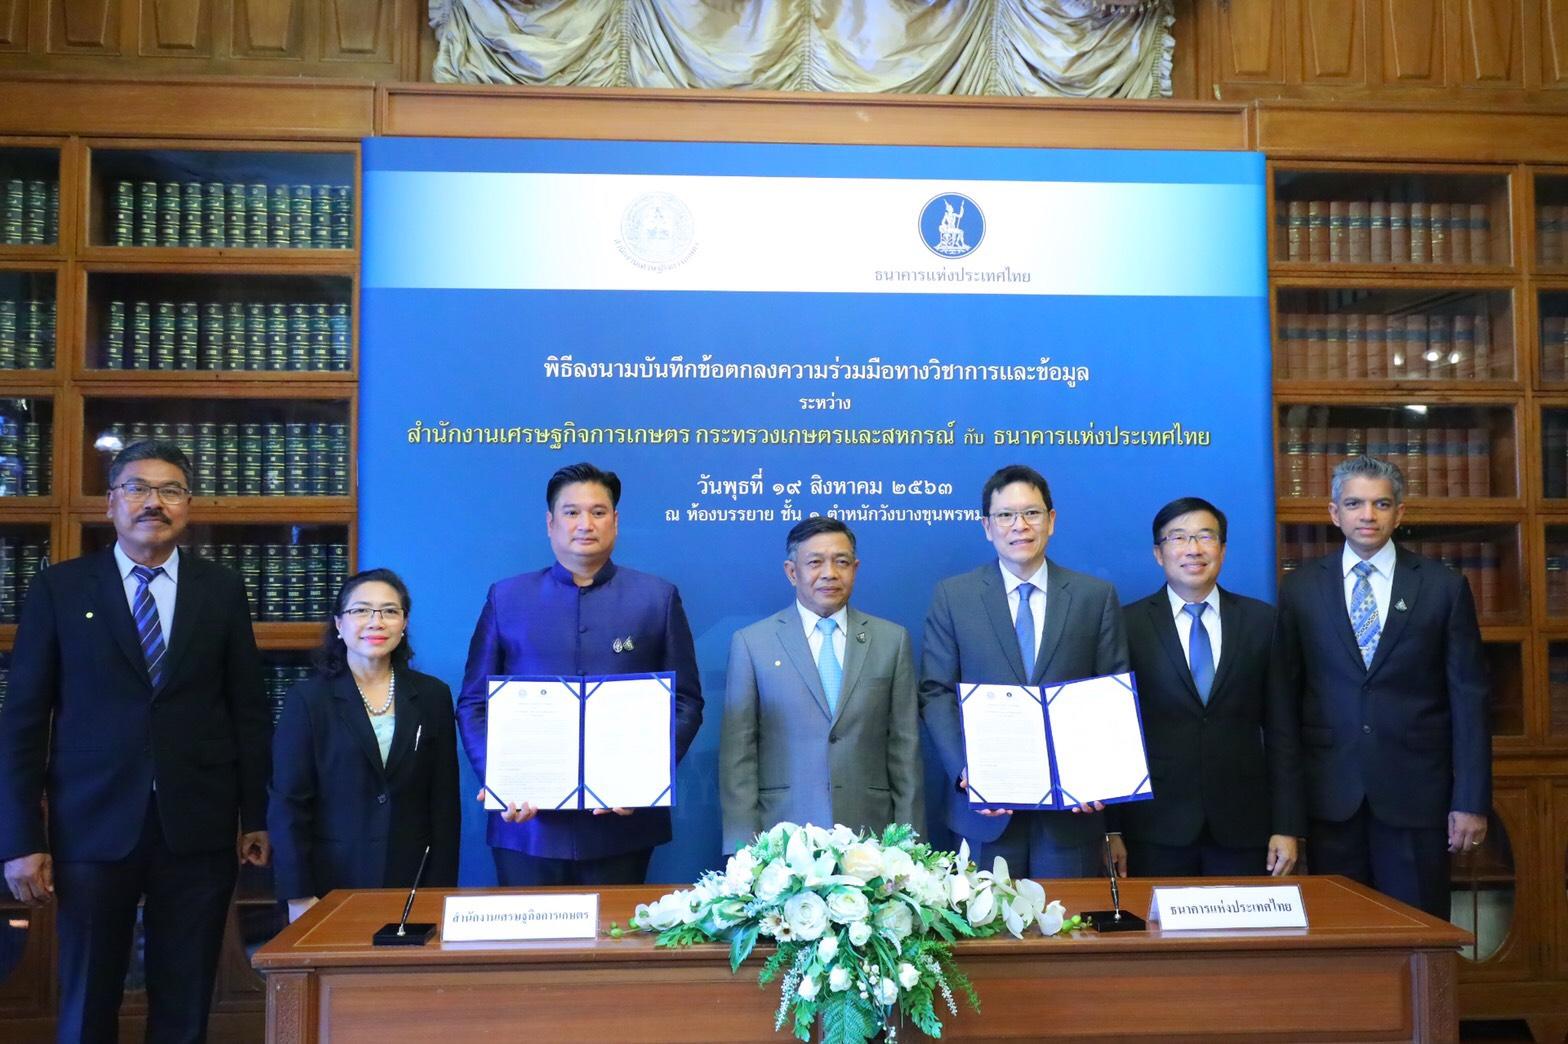 กระทรวงเกษตรฯ ลงนาม MOU ธนาคารแห่งประเทศไทย ยกระดับความร่วมมือวิถีใหม่ ดึง Big Data และ AI ตอบโจทย์เศรษฐกิจการเกษตรยุคดิจิทัล